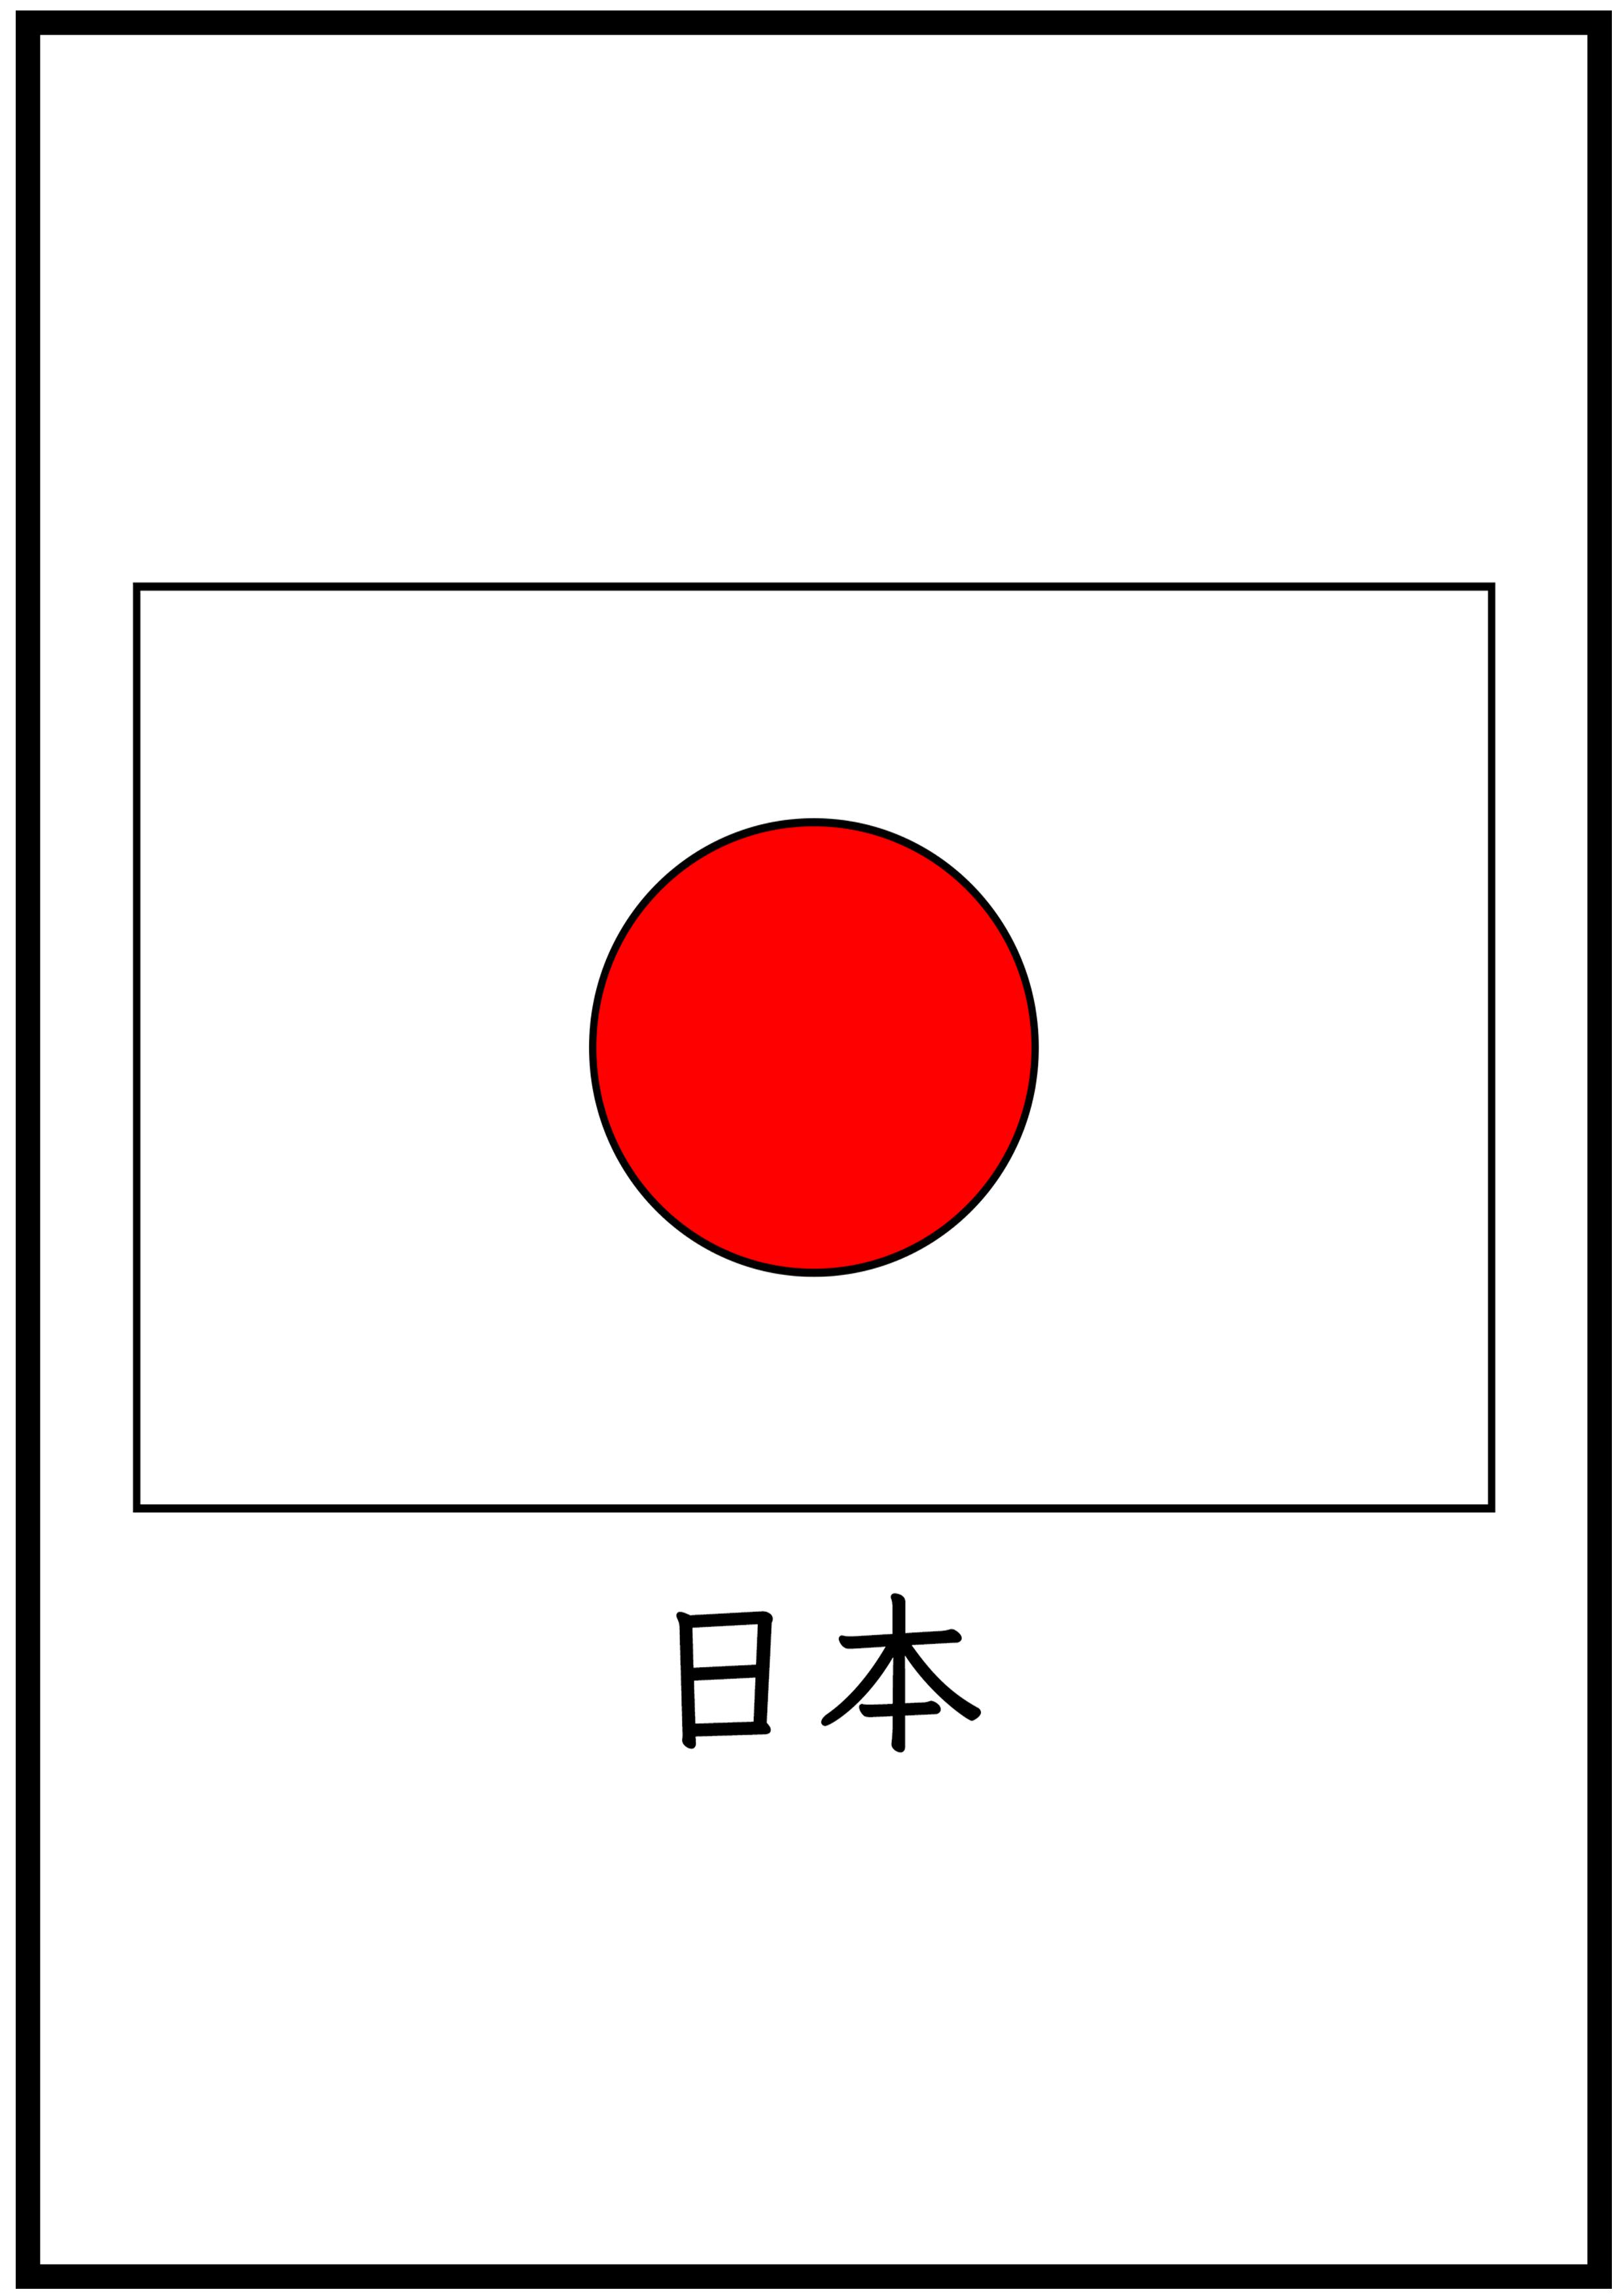 イラスト【日本】